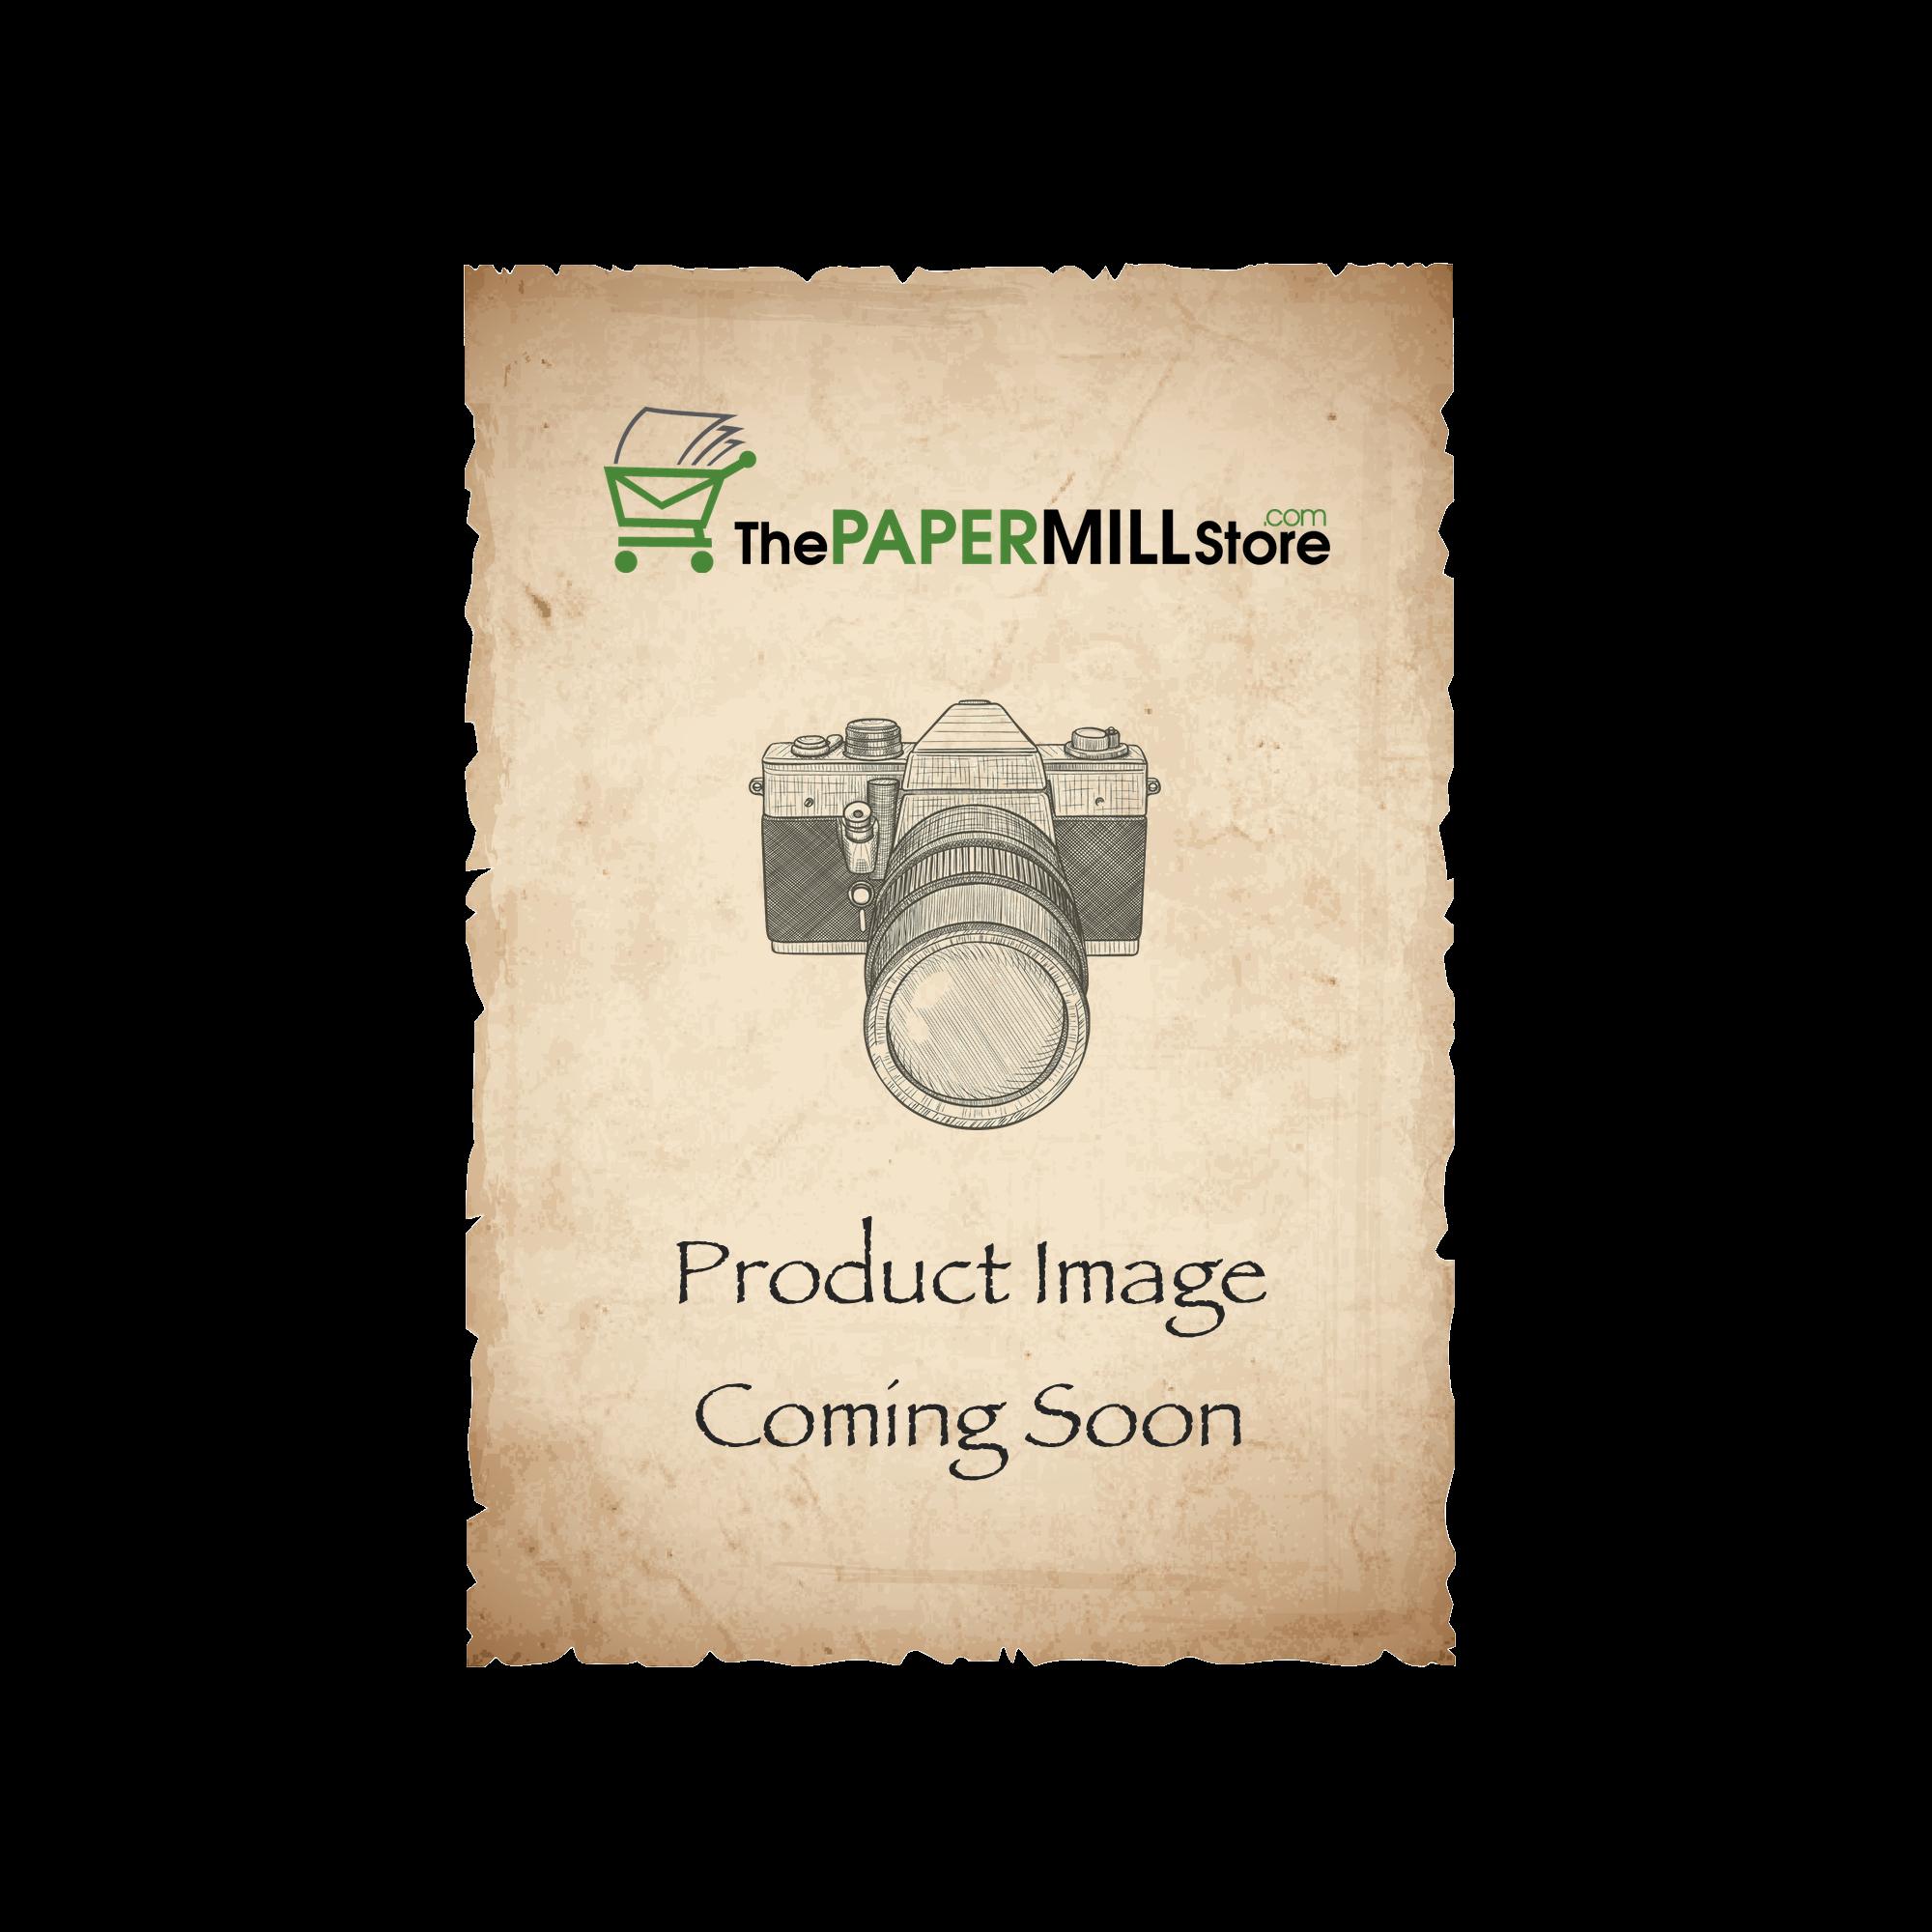 Genesis Fossil Envelopes - No. 10 Commercial (4 1/8 x 9 1/2) 80 lb Text Vellum 500 per Box